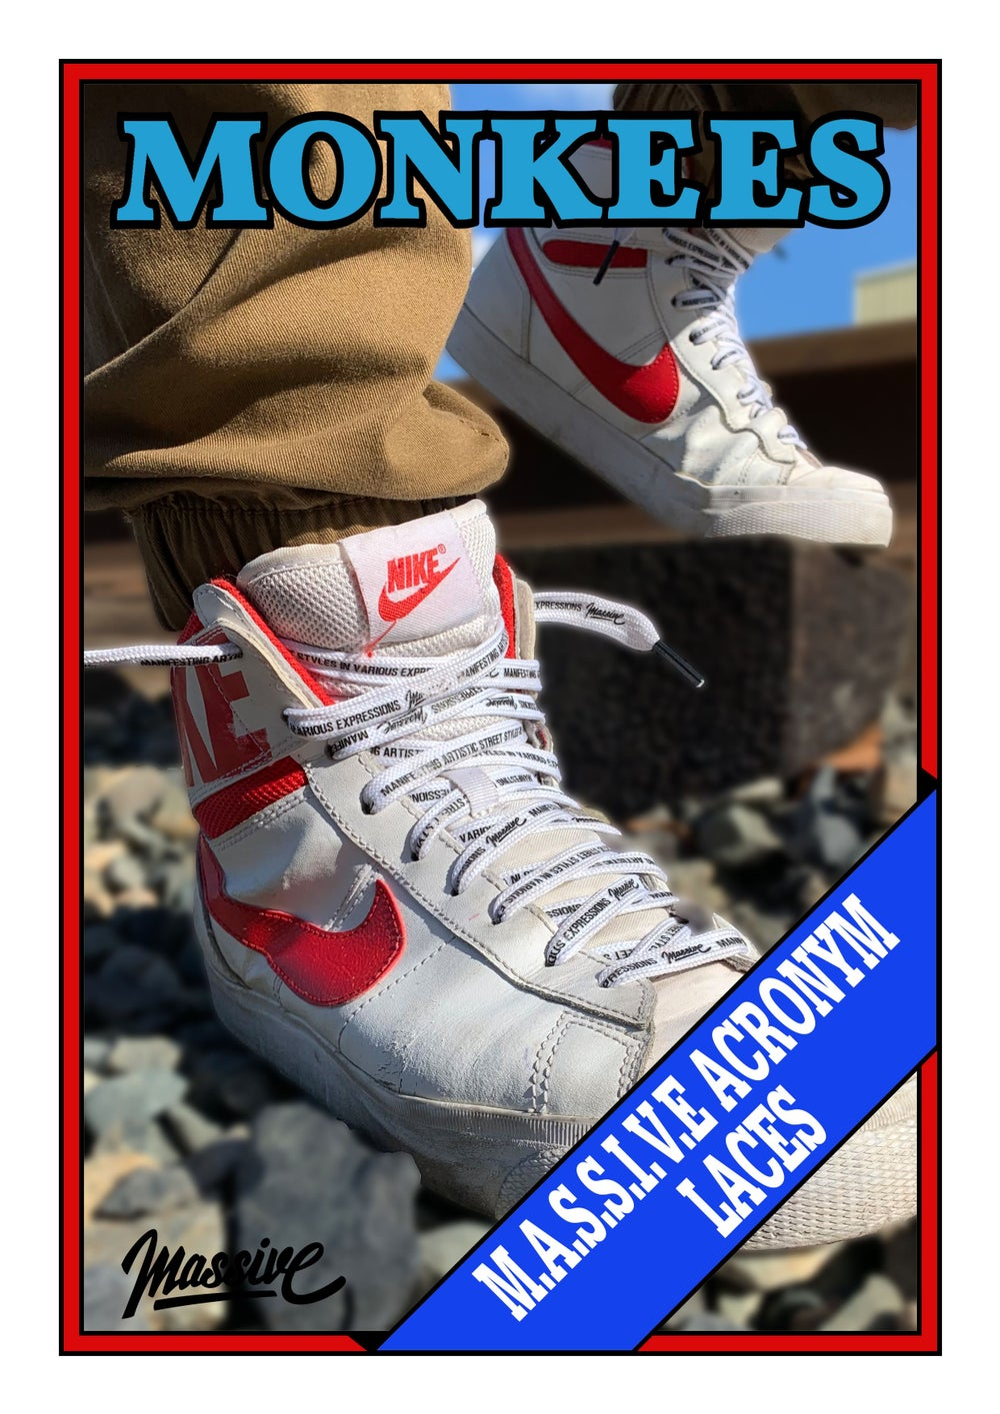 M.A.S.S.I.V.E White Shoelaces